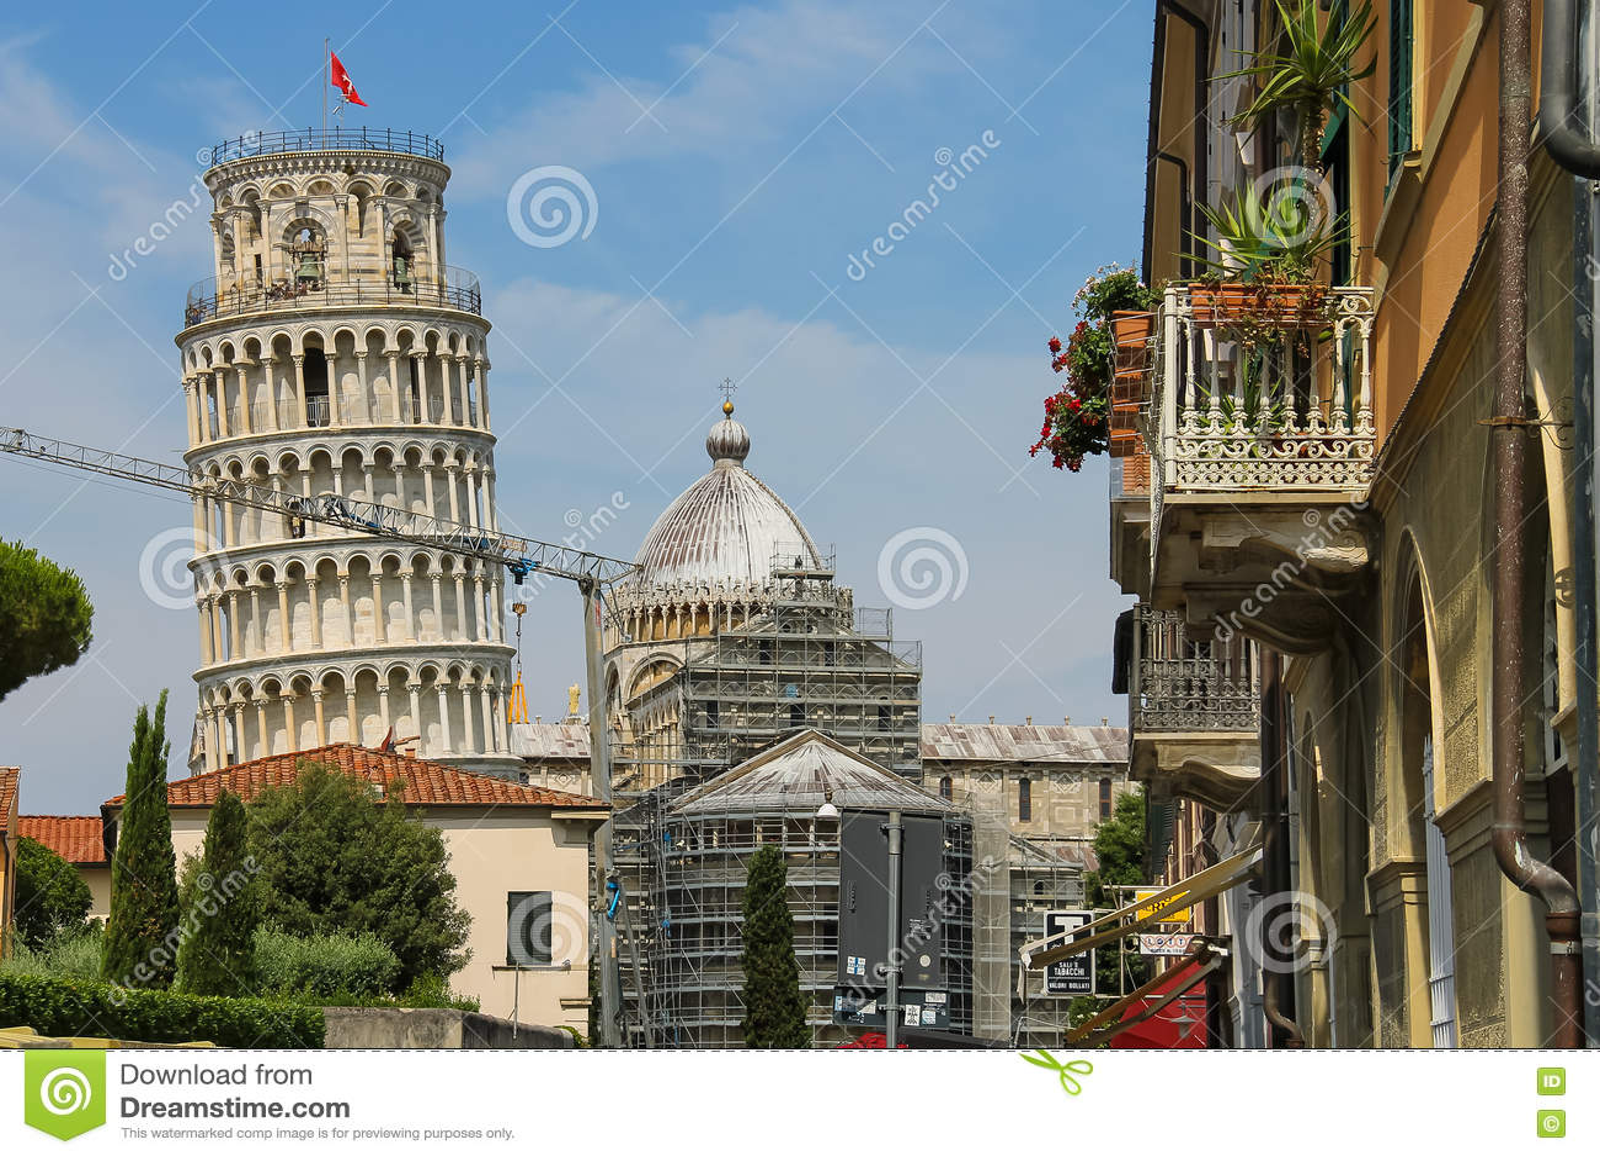 对大教堂(比萨斜塔)的钟楼的看法 Ita